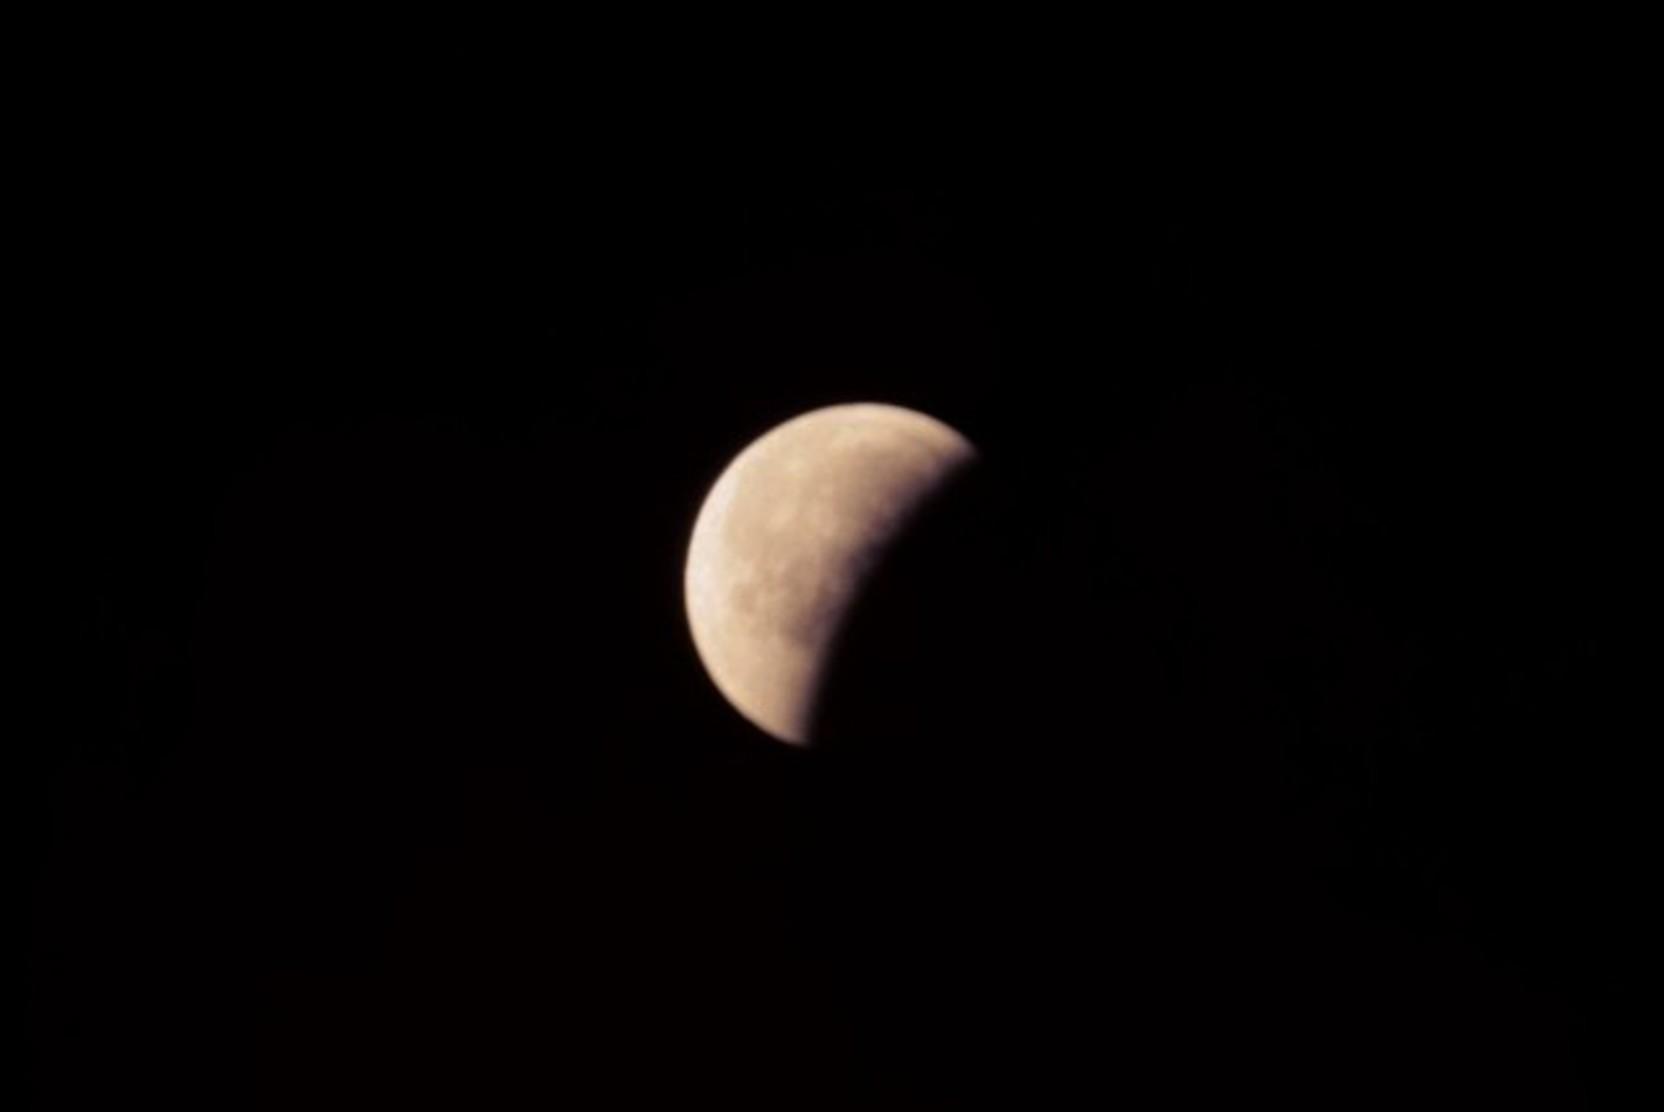 Глоба рассказал, как лунное затмение влияет на психику людей